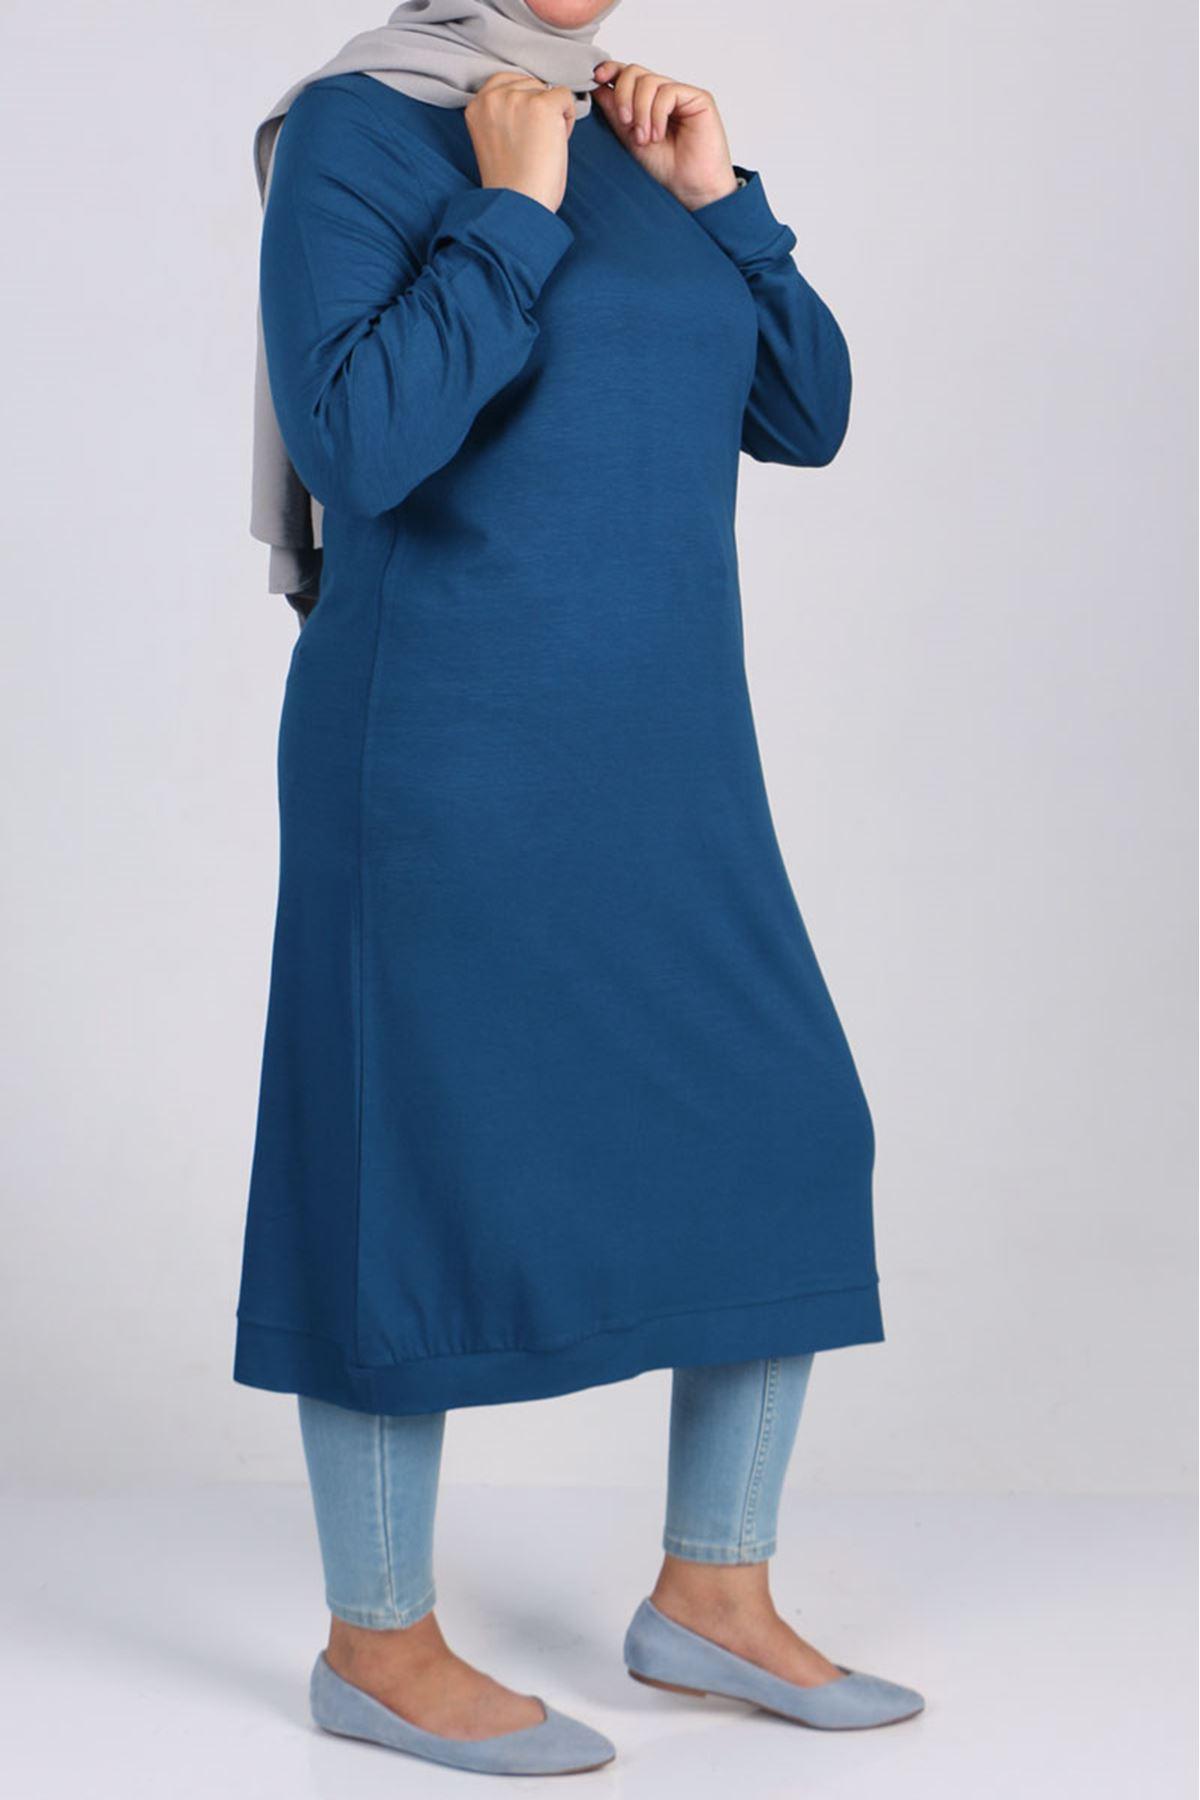 8468 تونيك مقاس كبير - لون ازرق بترولي